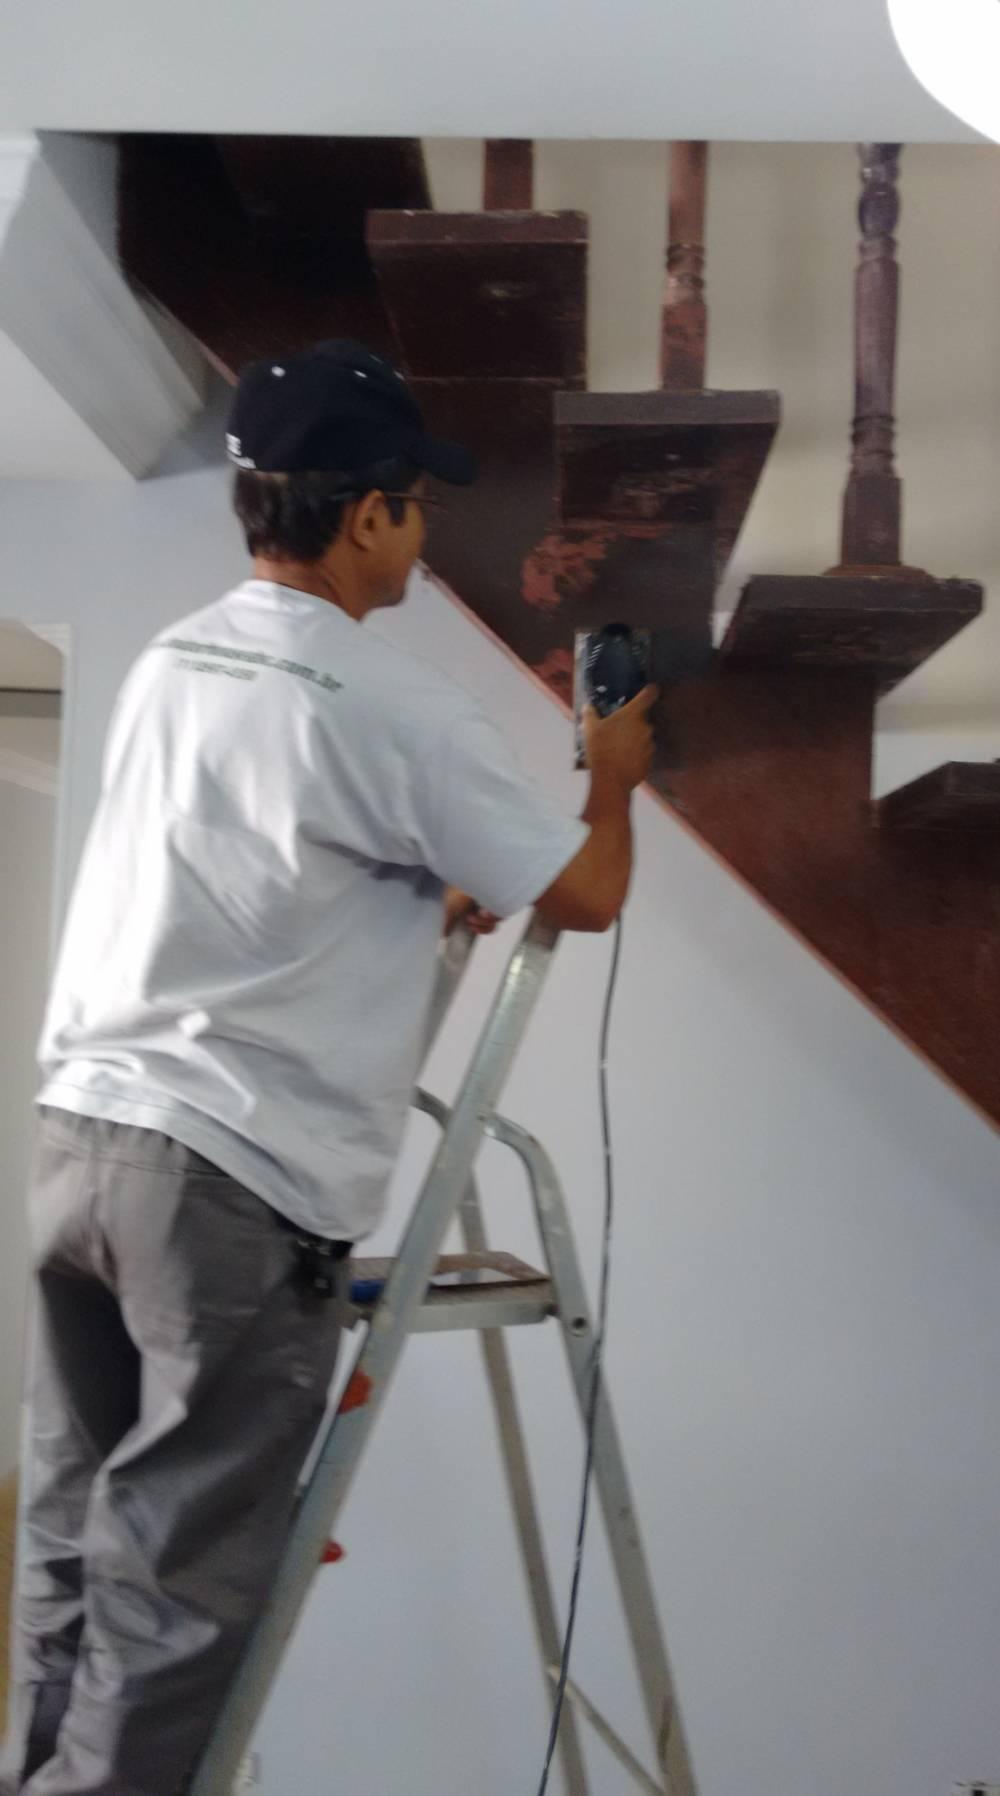 Manutenções Residenciais Quanto Custa na Vila Pires - Serviços de Manutenções Residenciais